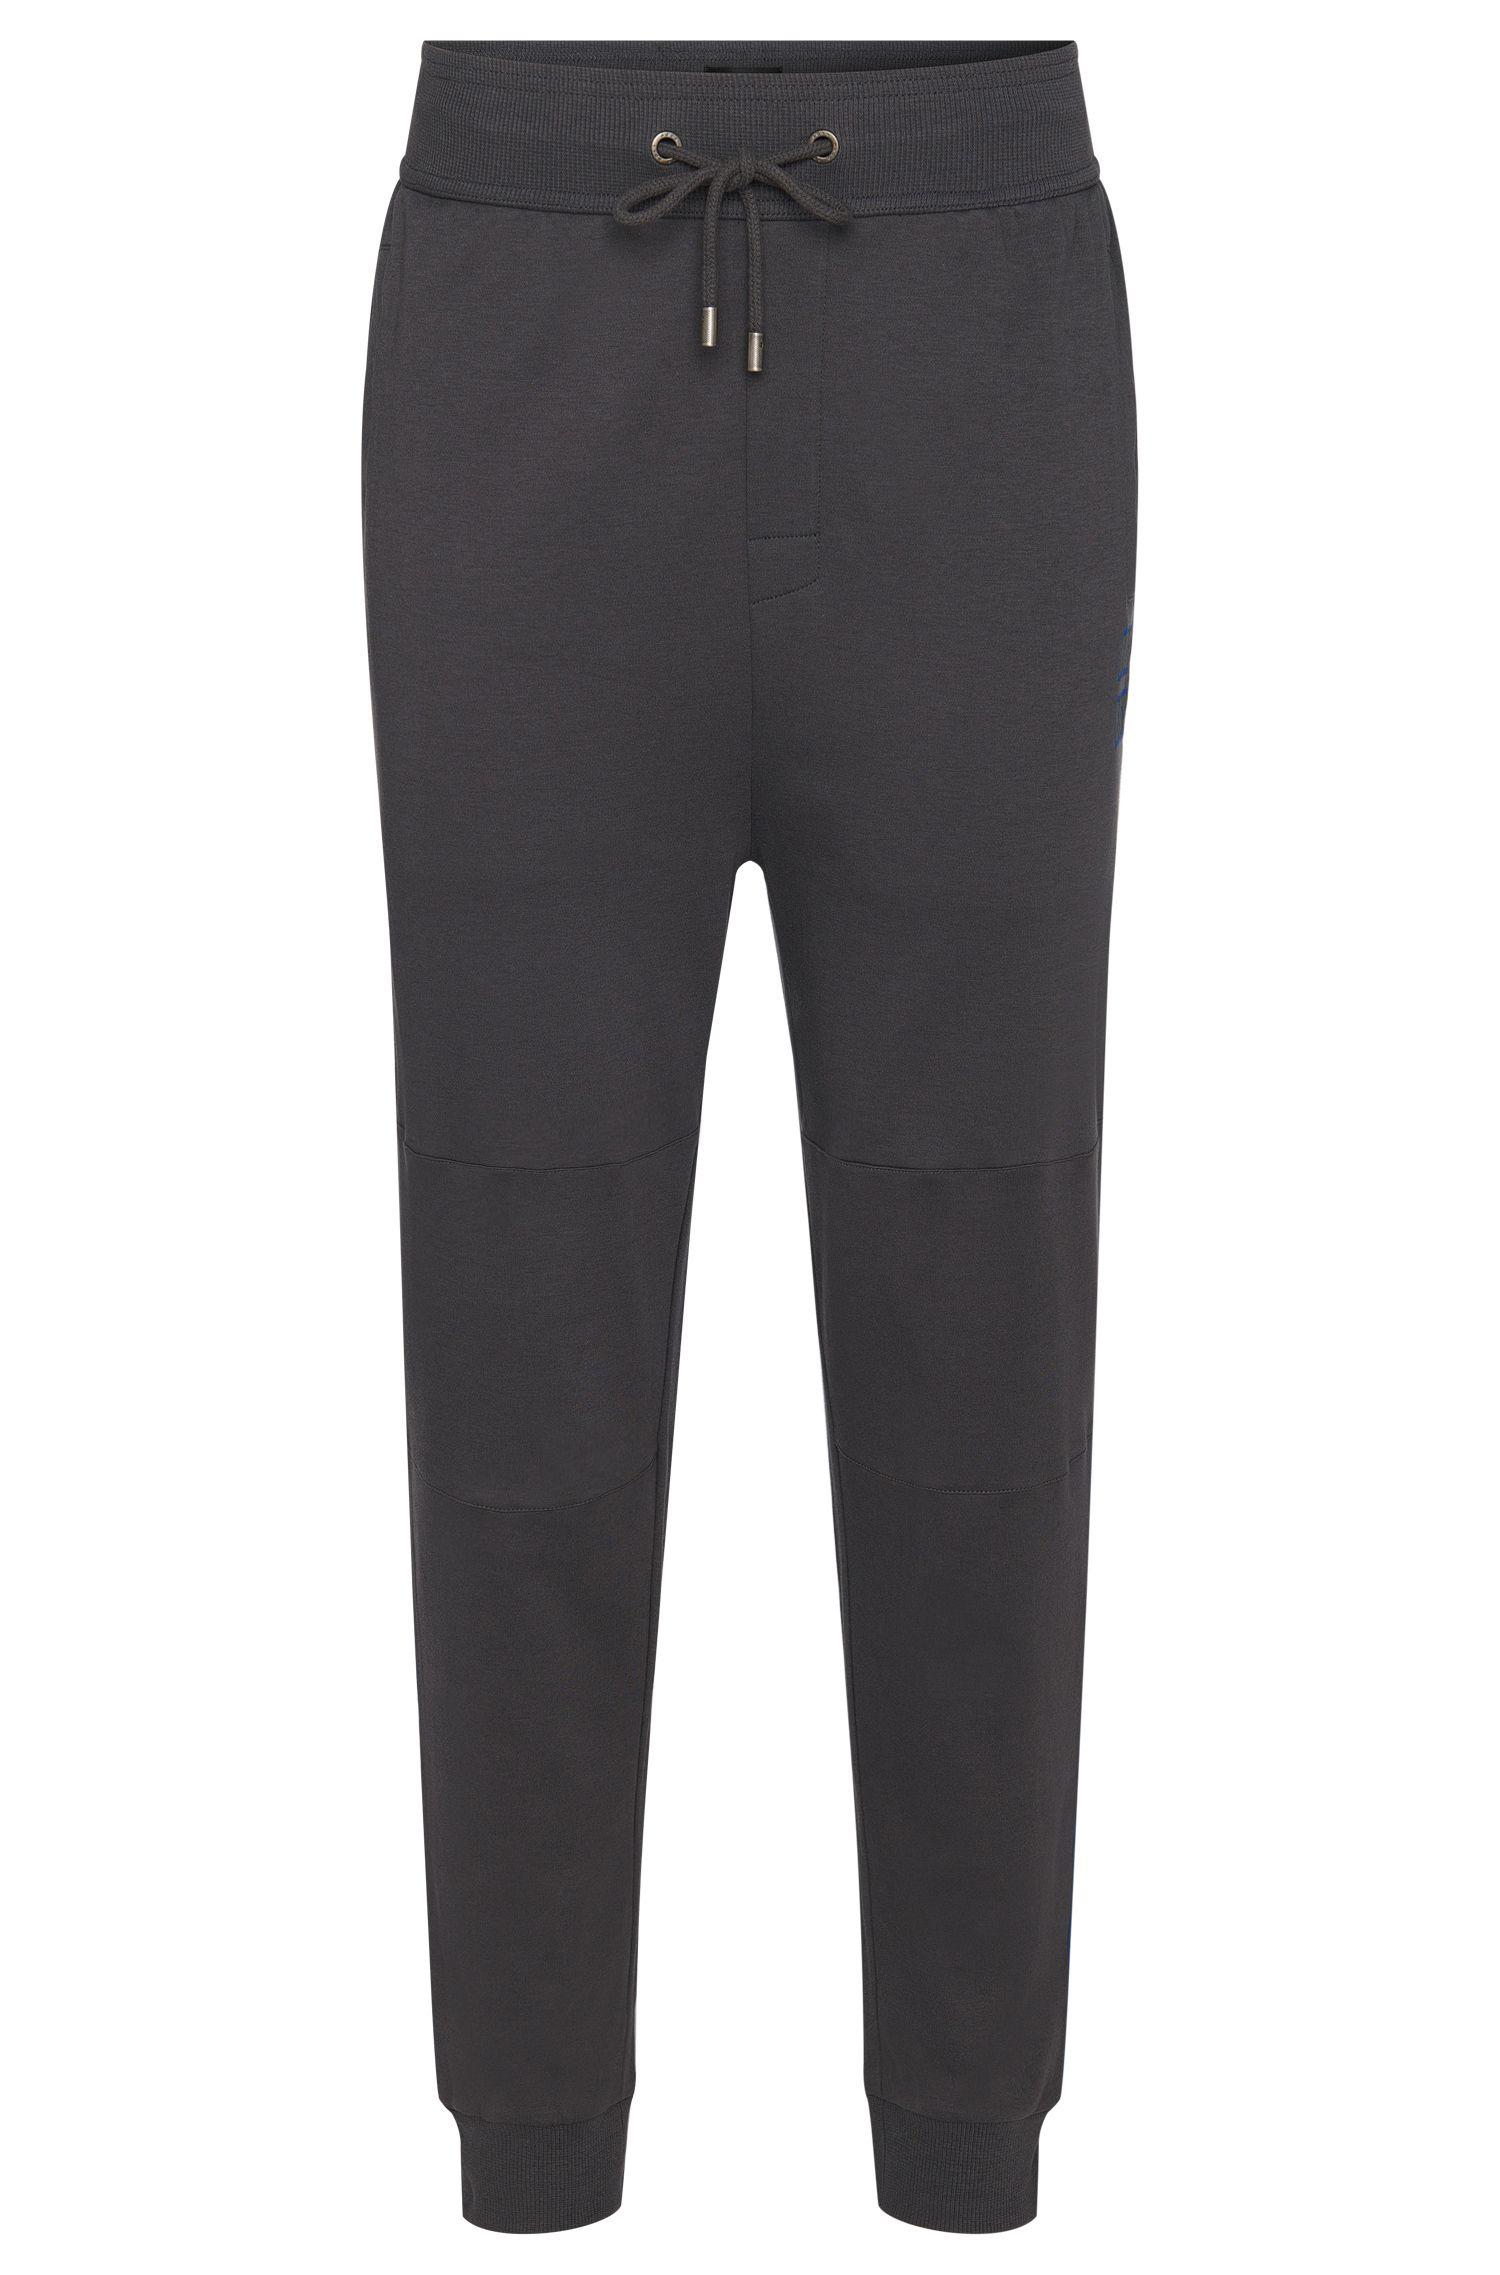 'Long Pant Cuffs' | Cotton Jersey Lounge Pants